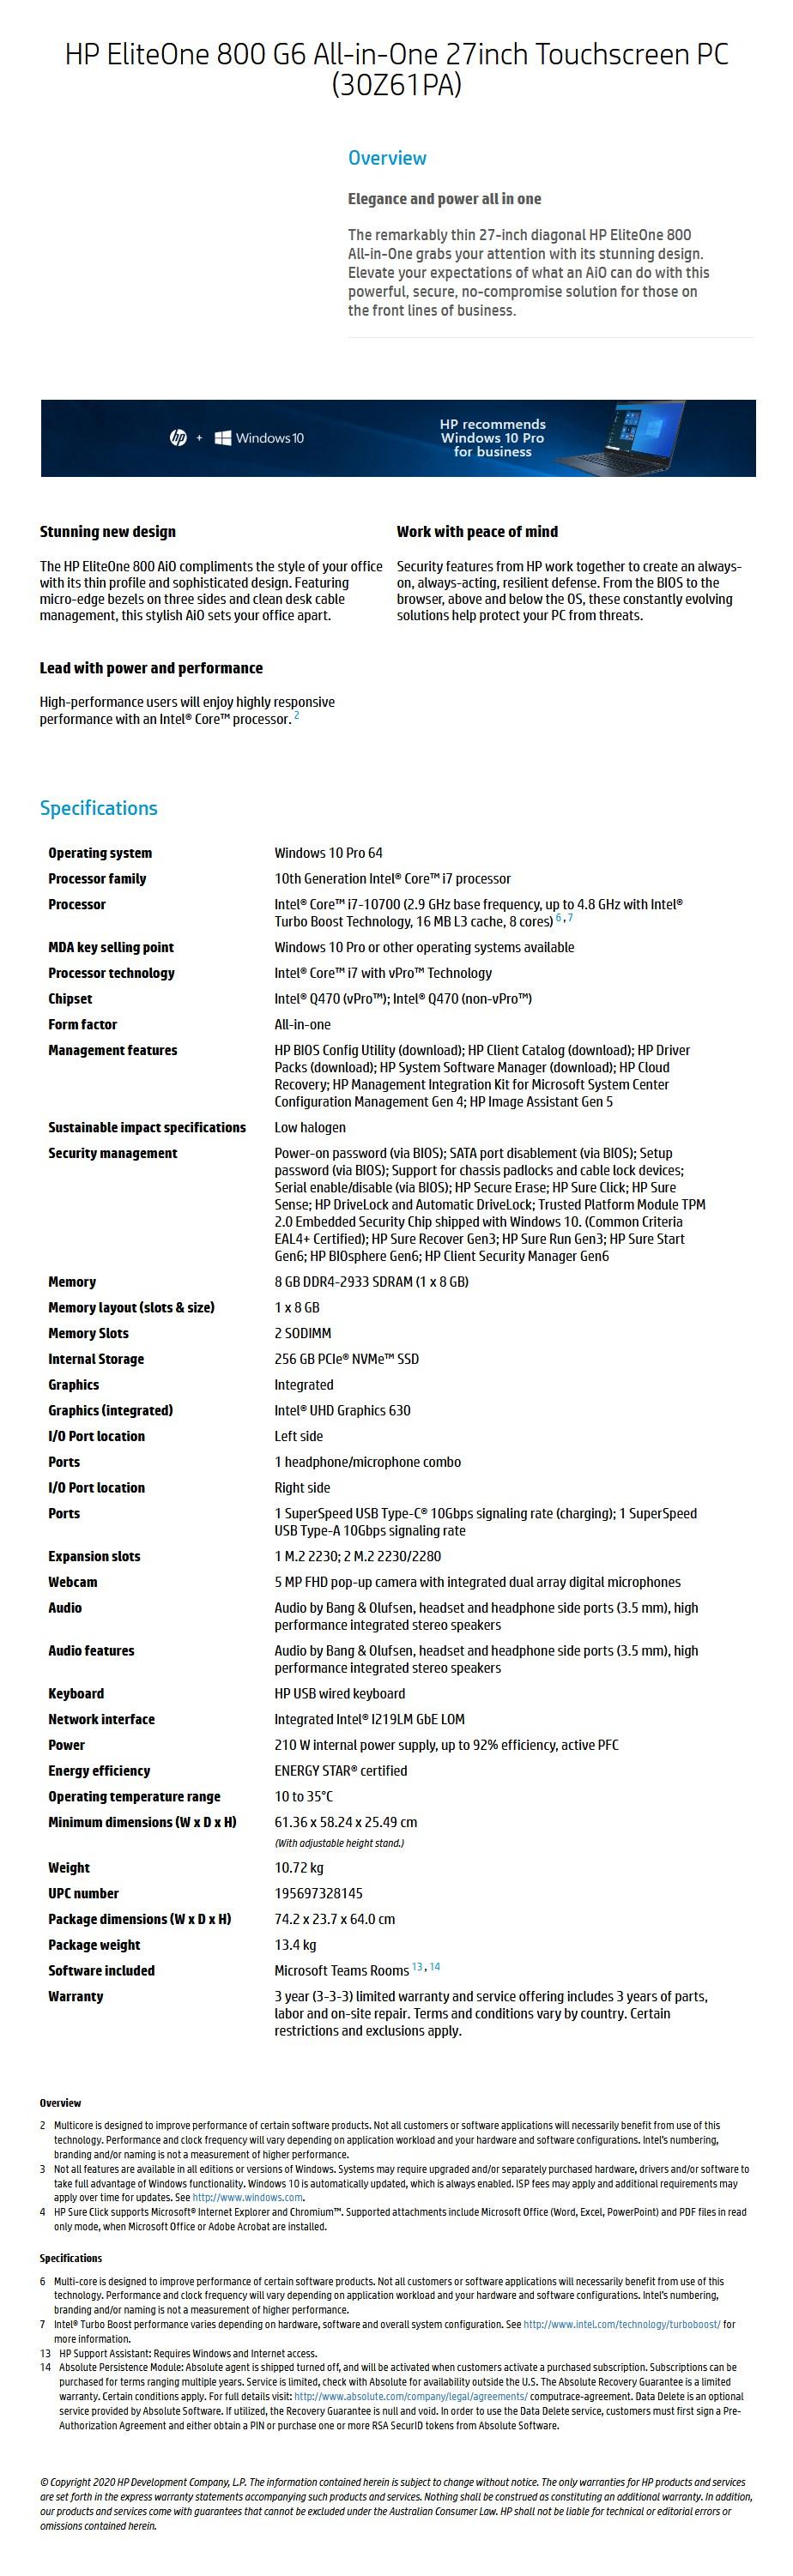 hp-eliteone-800-g6-aio-touch-pc-qhd-27-i710700-8gb-256gb-wifi-bt-w10p-ac41189-4.jpg